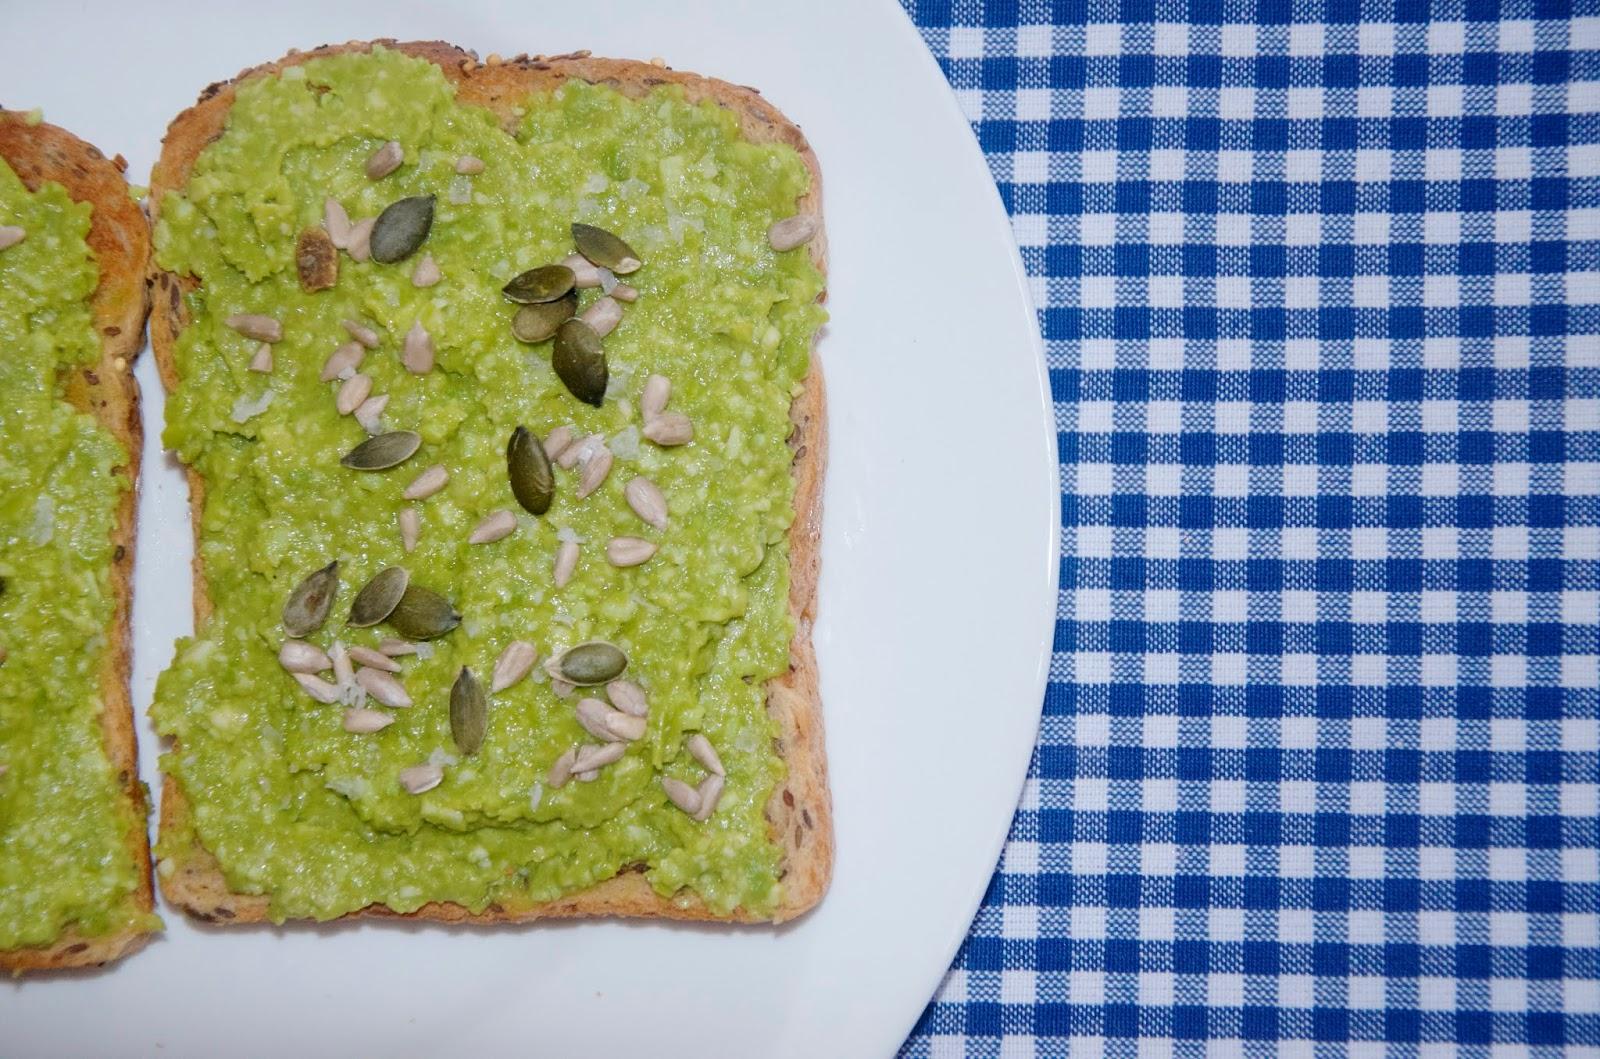 Garlicky Edamame & Peas on Toast